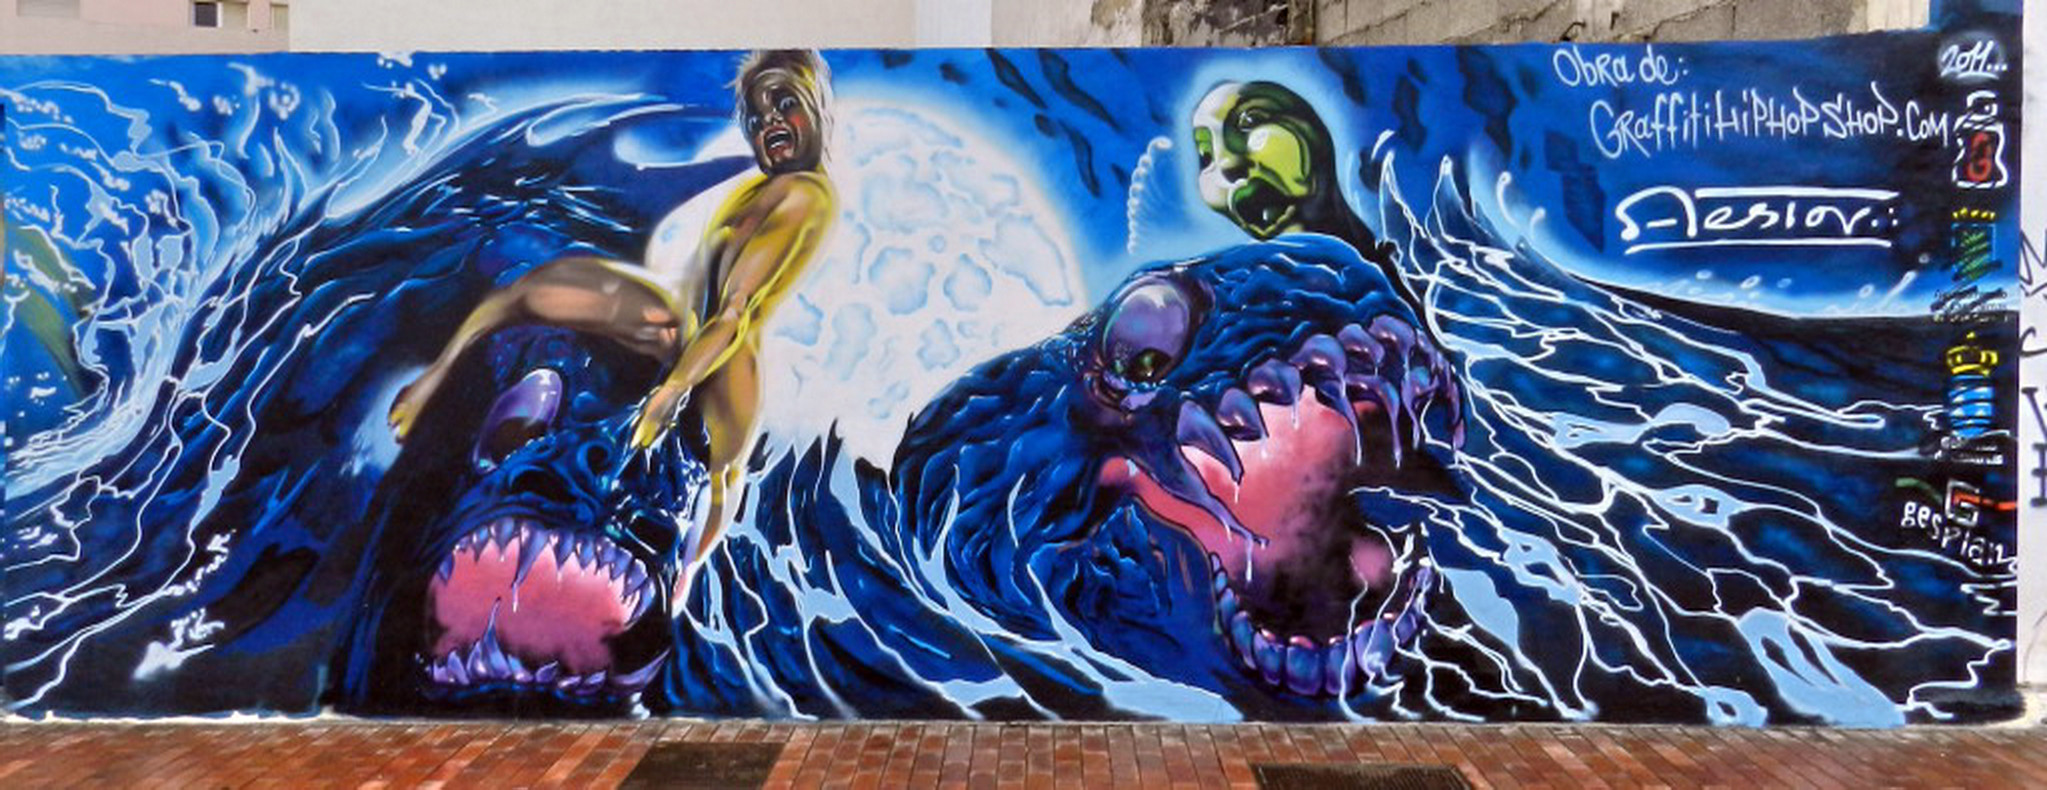 graffiti La Noche Poema del Atlántico obra de hiphopshop.com copia de Nestor de La Torre Las Palmas de Gran Canaria